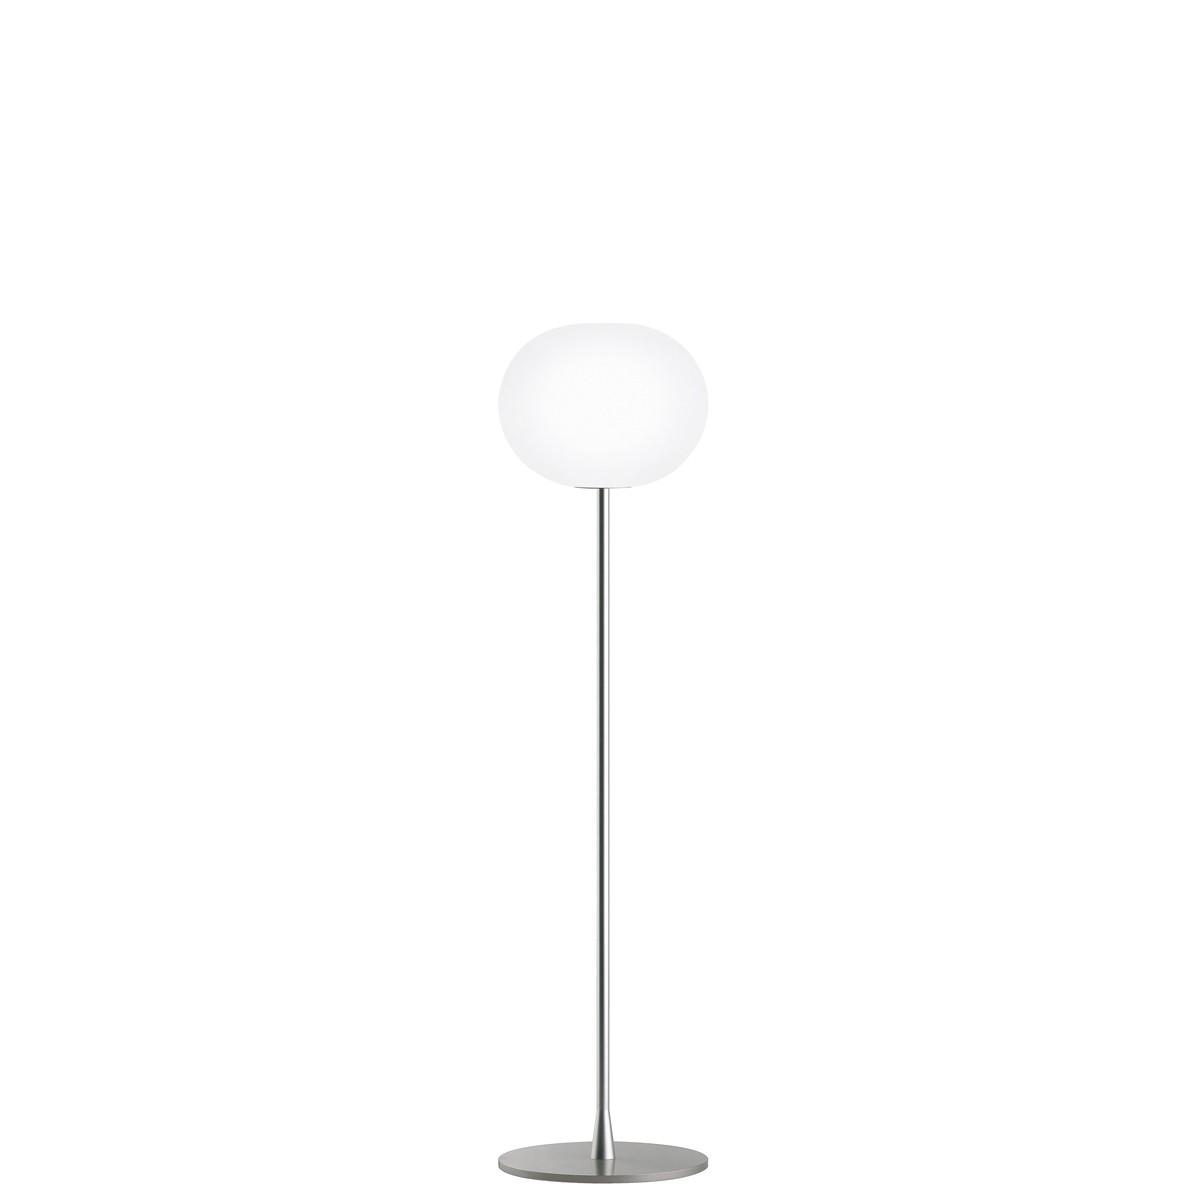 Flos Glo-Ball F Stehleuchte, F1, Höhe: 135 cm, Silber matt